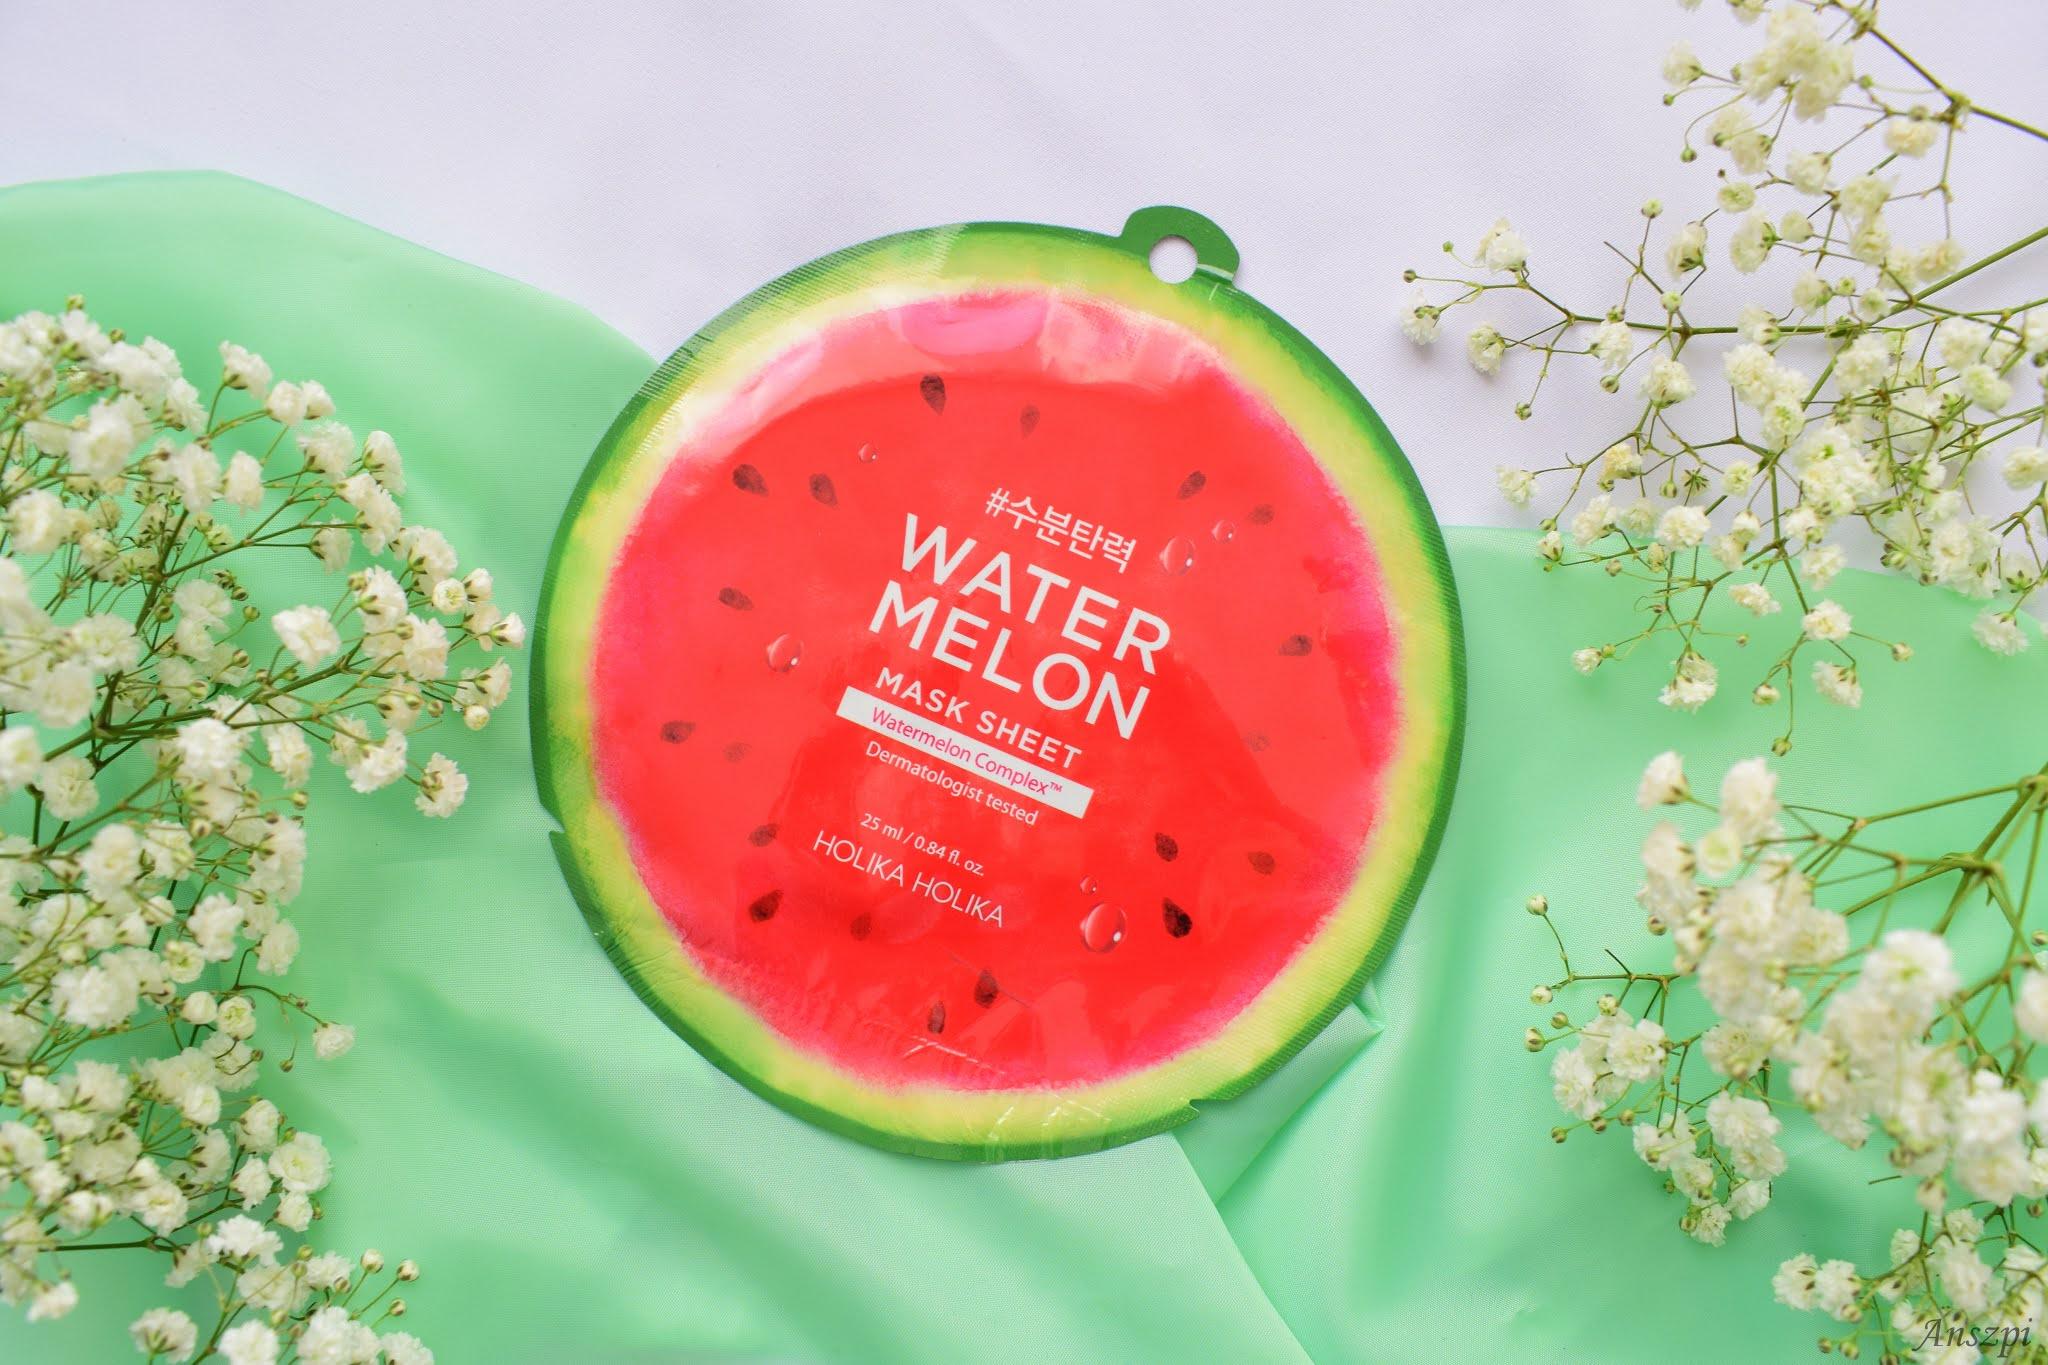 Maseczka płócienna z ekstraktem z arbuza Watermelon Mask Sheet